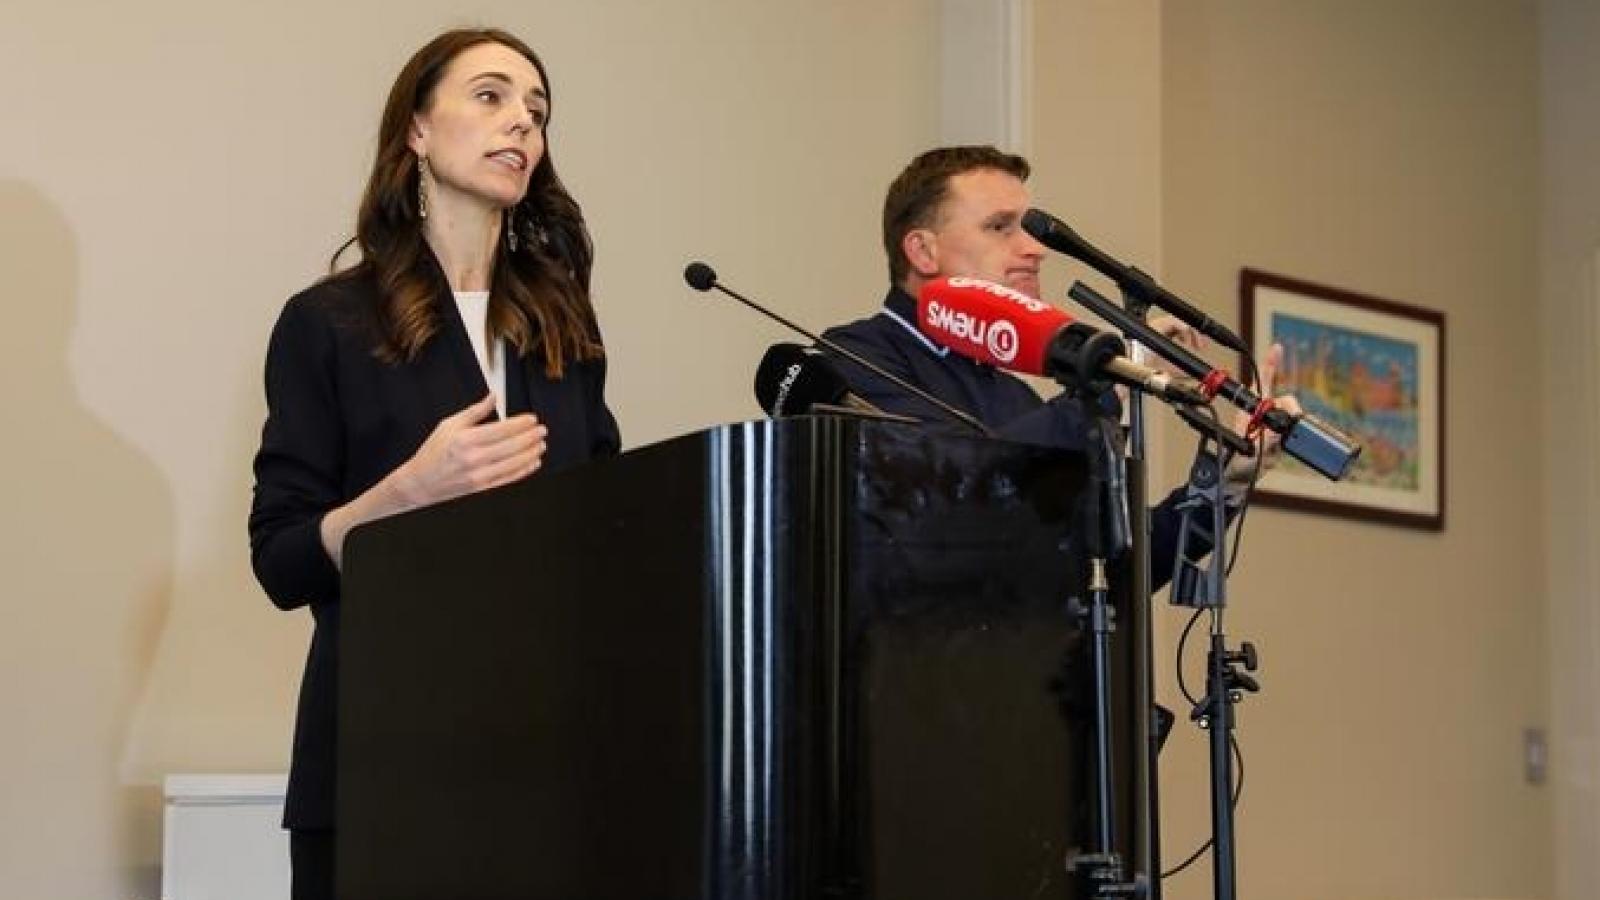 New Zealand nới lỏng các biện pháp kiểm soát dịch Covid-19